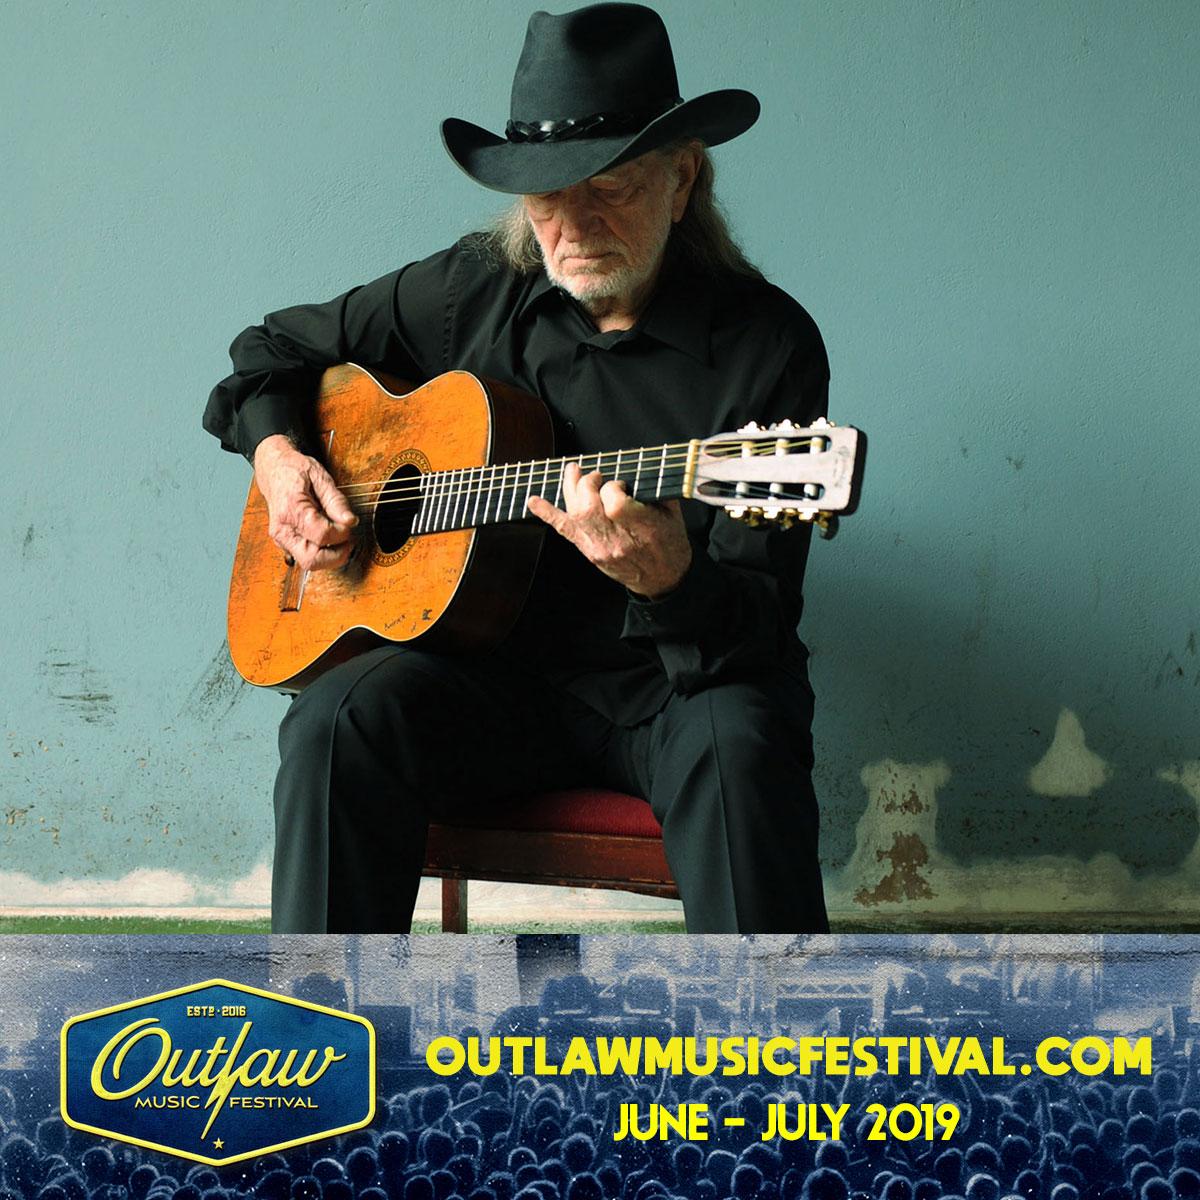 2019 Outlaw Music Festival